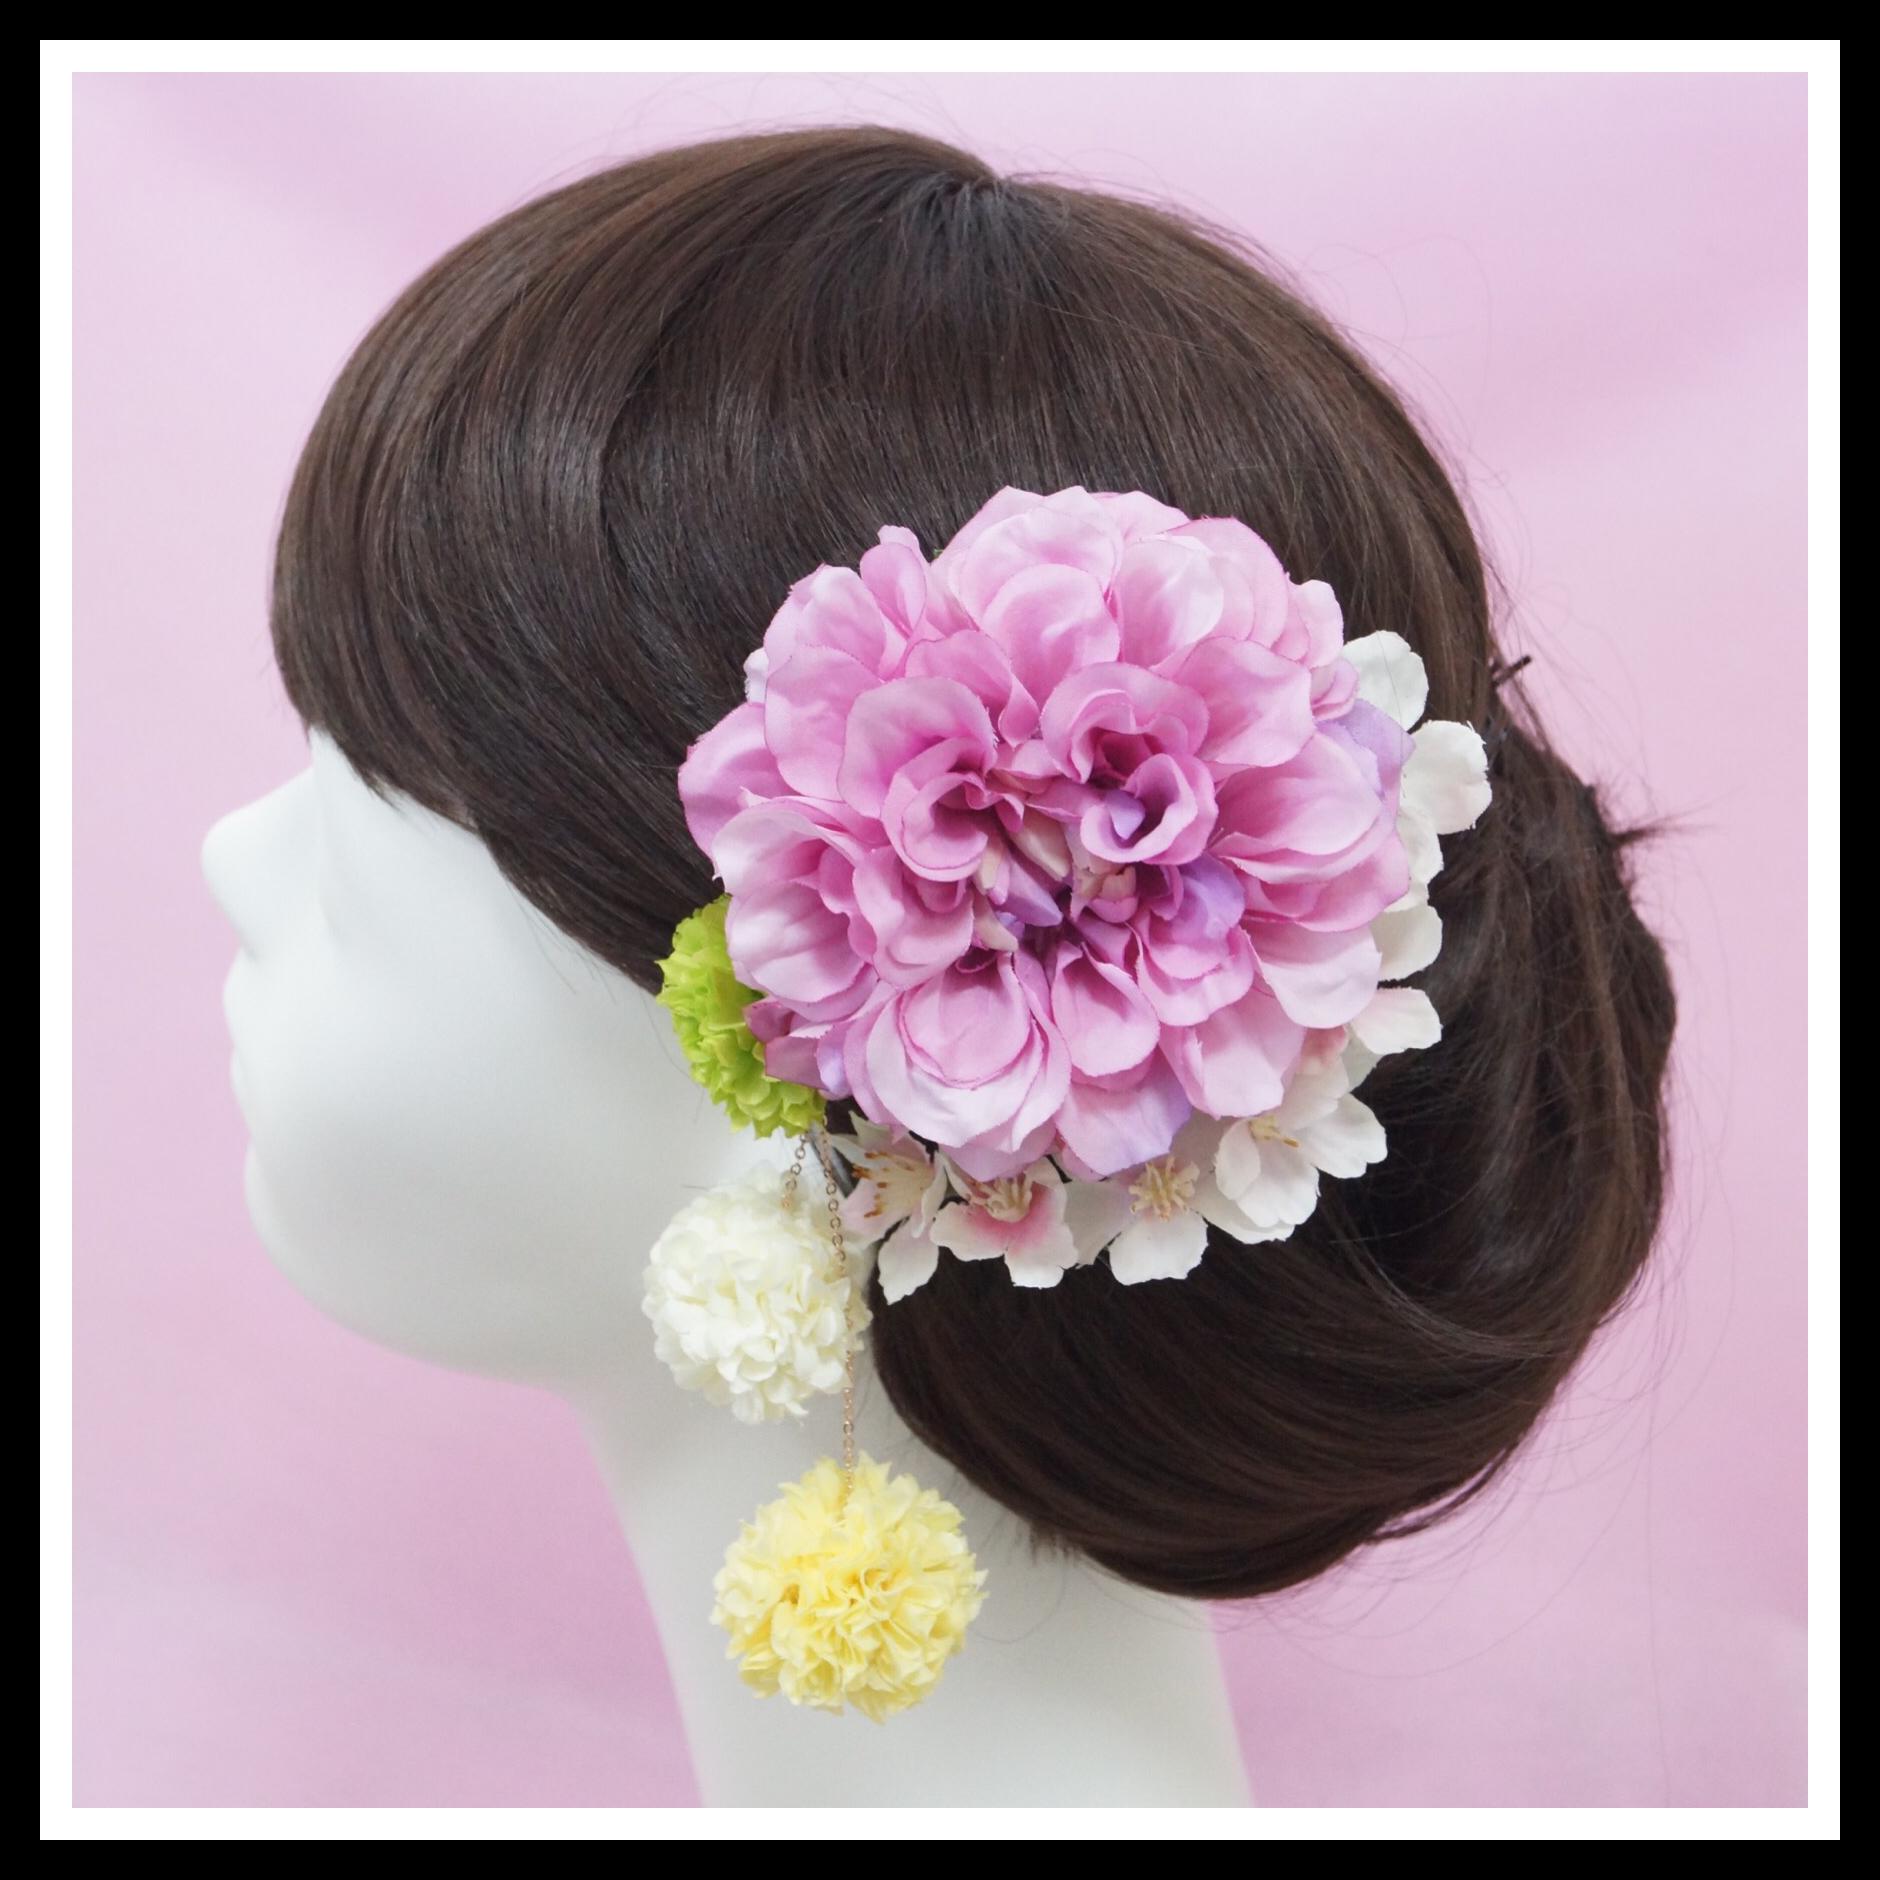 桜とダリアの揺れる髪飾り_0001